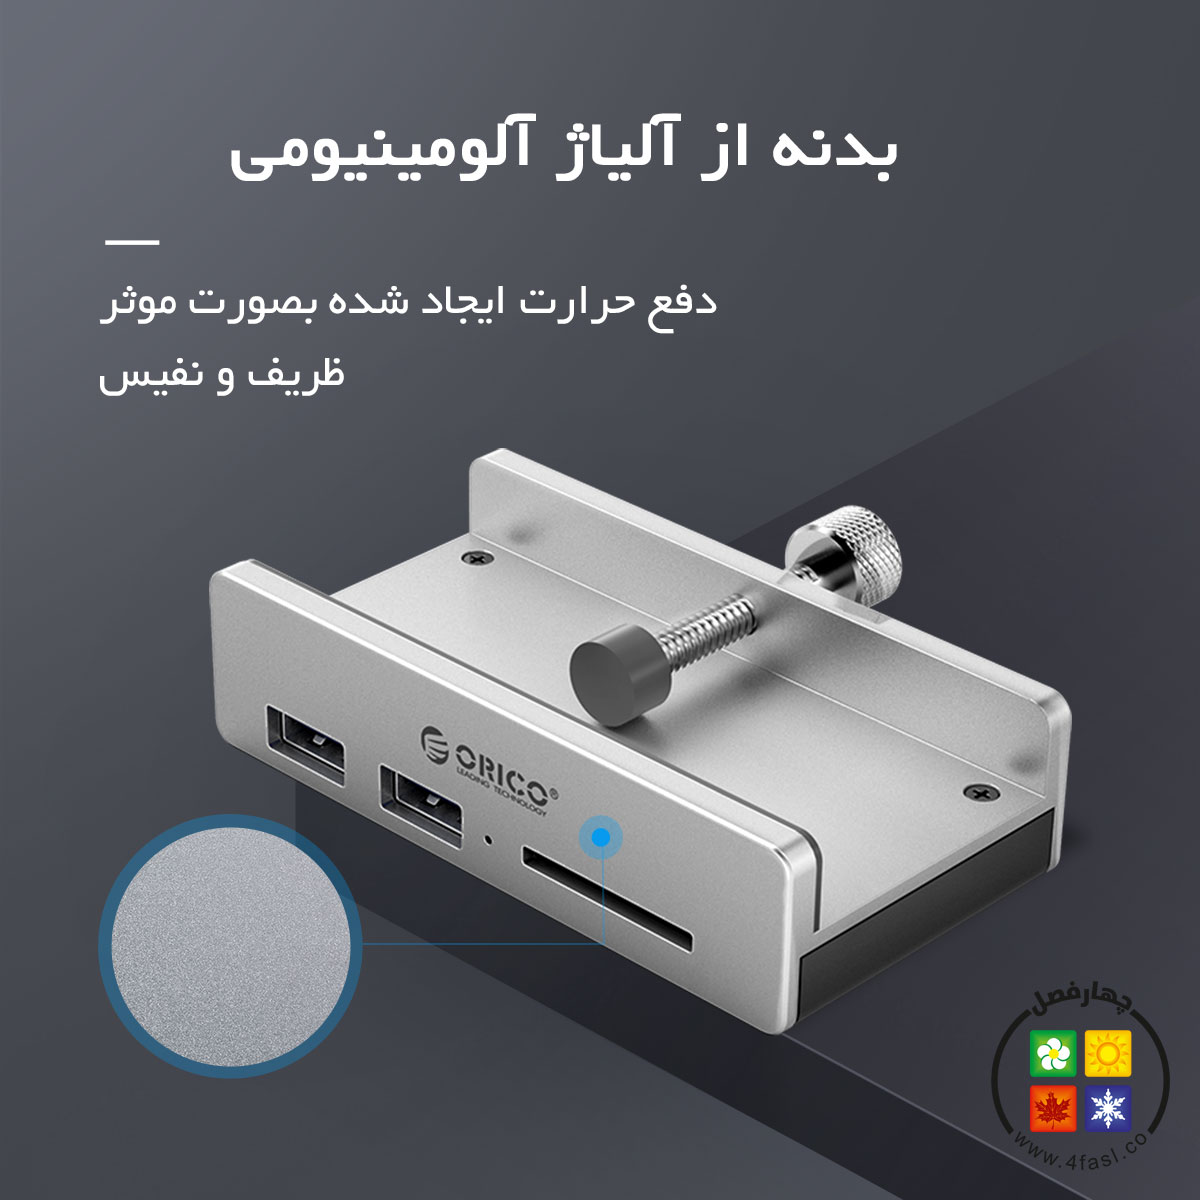 هاب USB 3.0 با کارت خوان